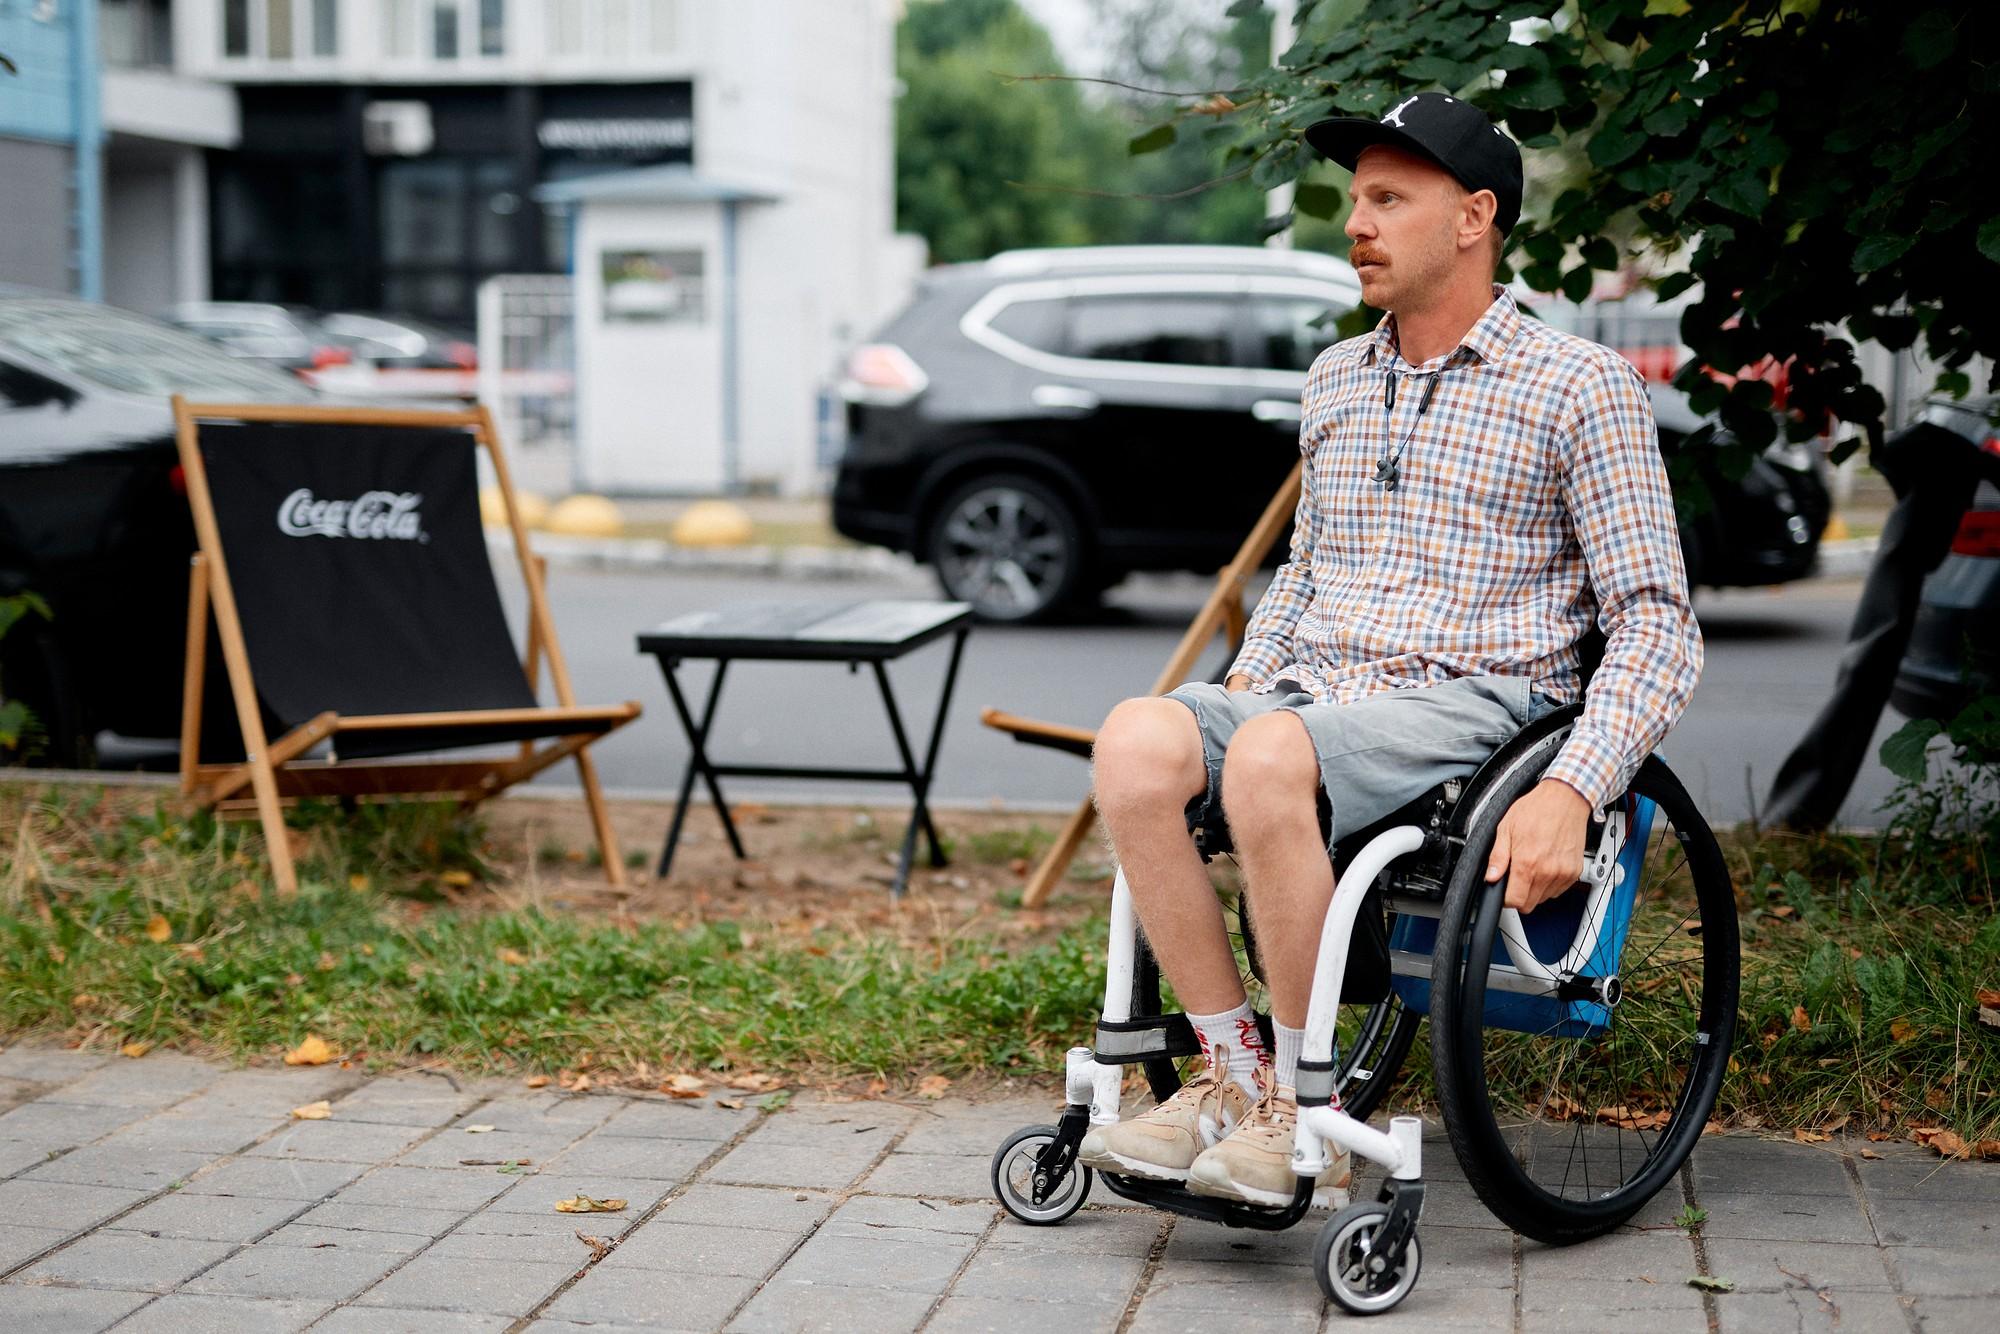 Александр Авдевич. Фото: Владимир Чурносов, probusiness.io